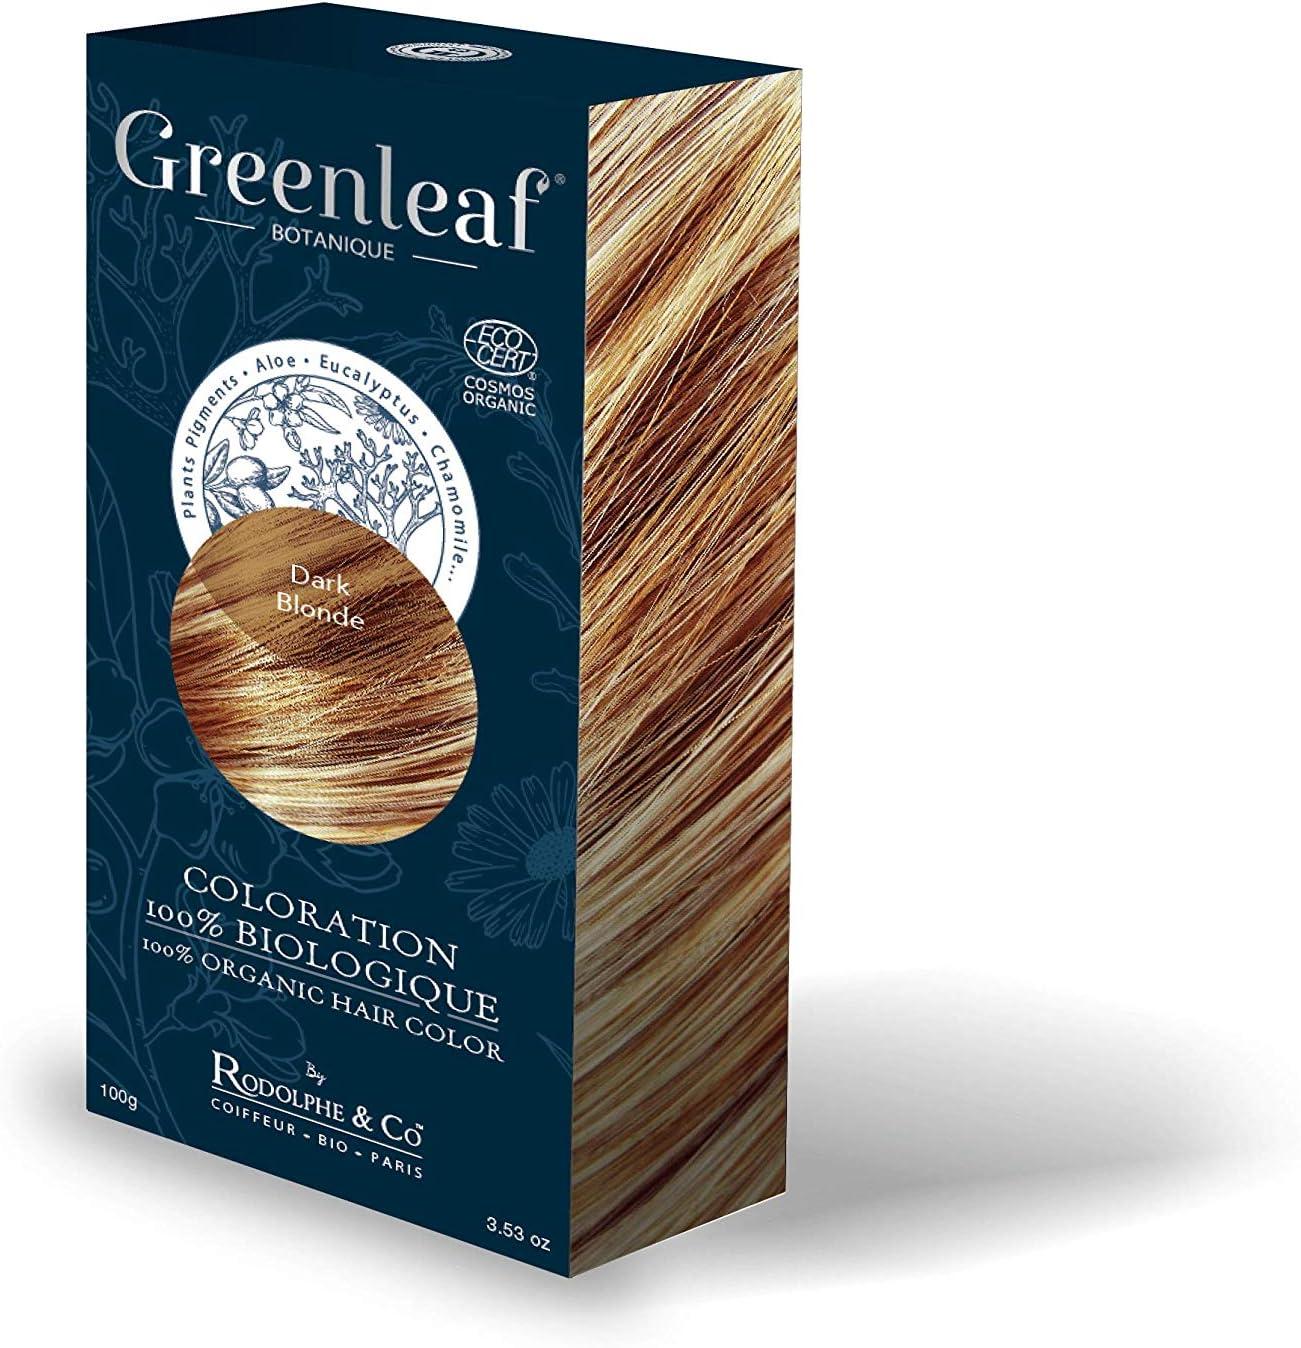 Greenleaf Tinte 100% biológico 100 g – Dark rubio